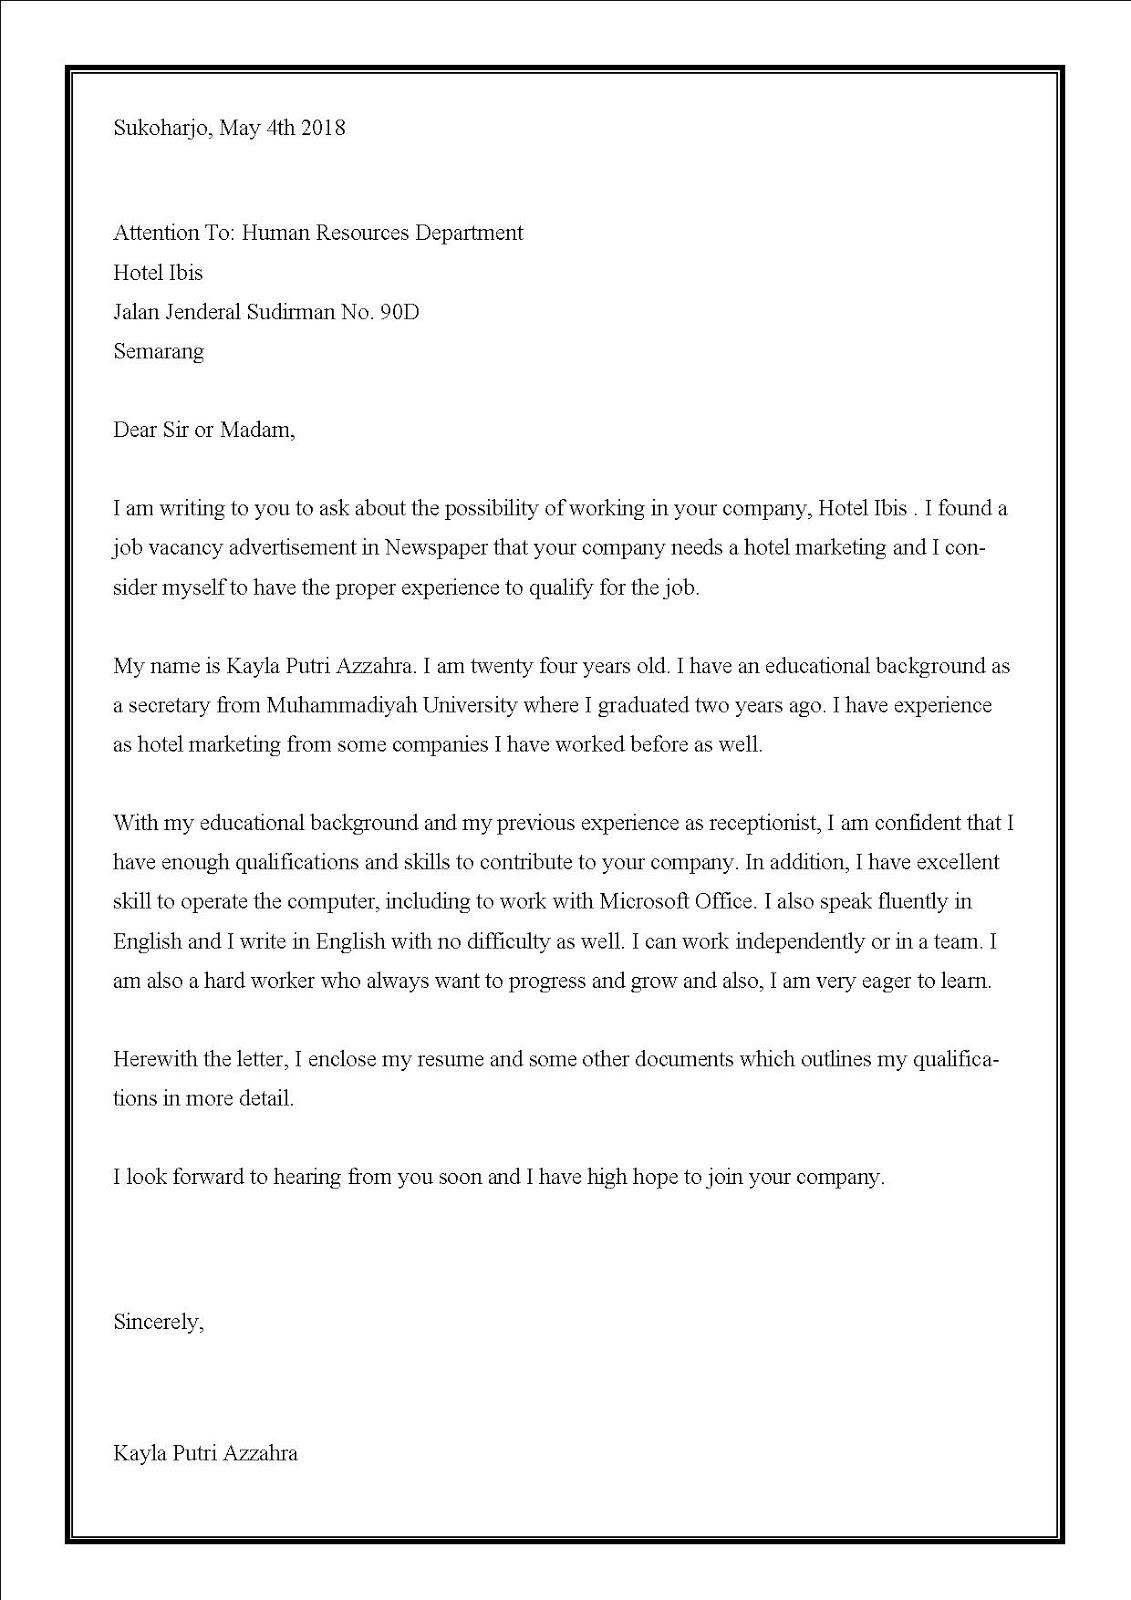 Contoh surat lamaran kerja di hotel untuk resepsionis dalam bahasa inggris